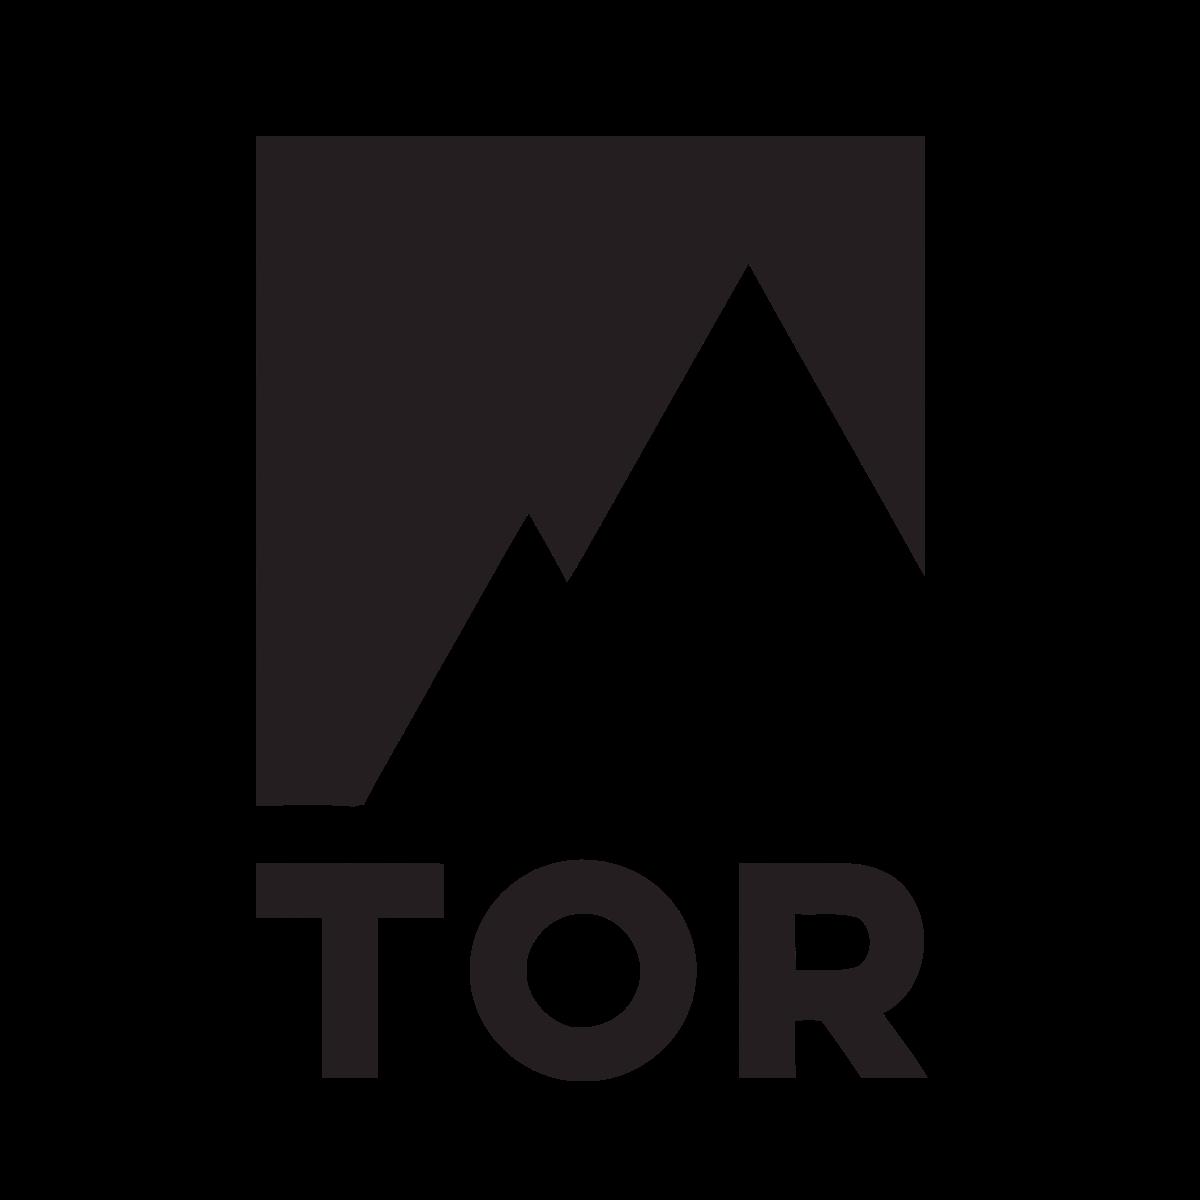 Logo for Tor